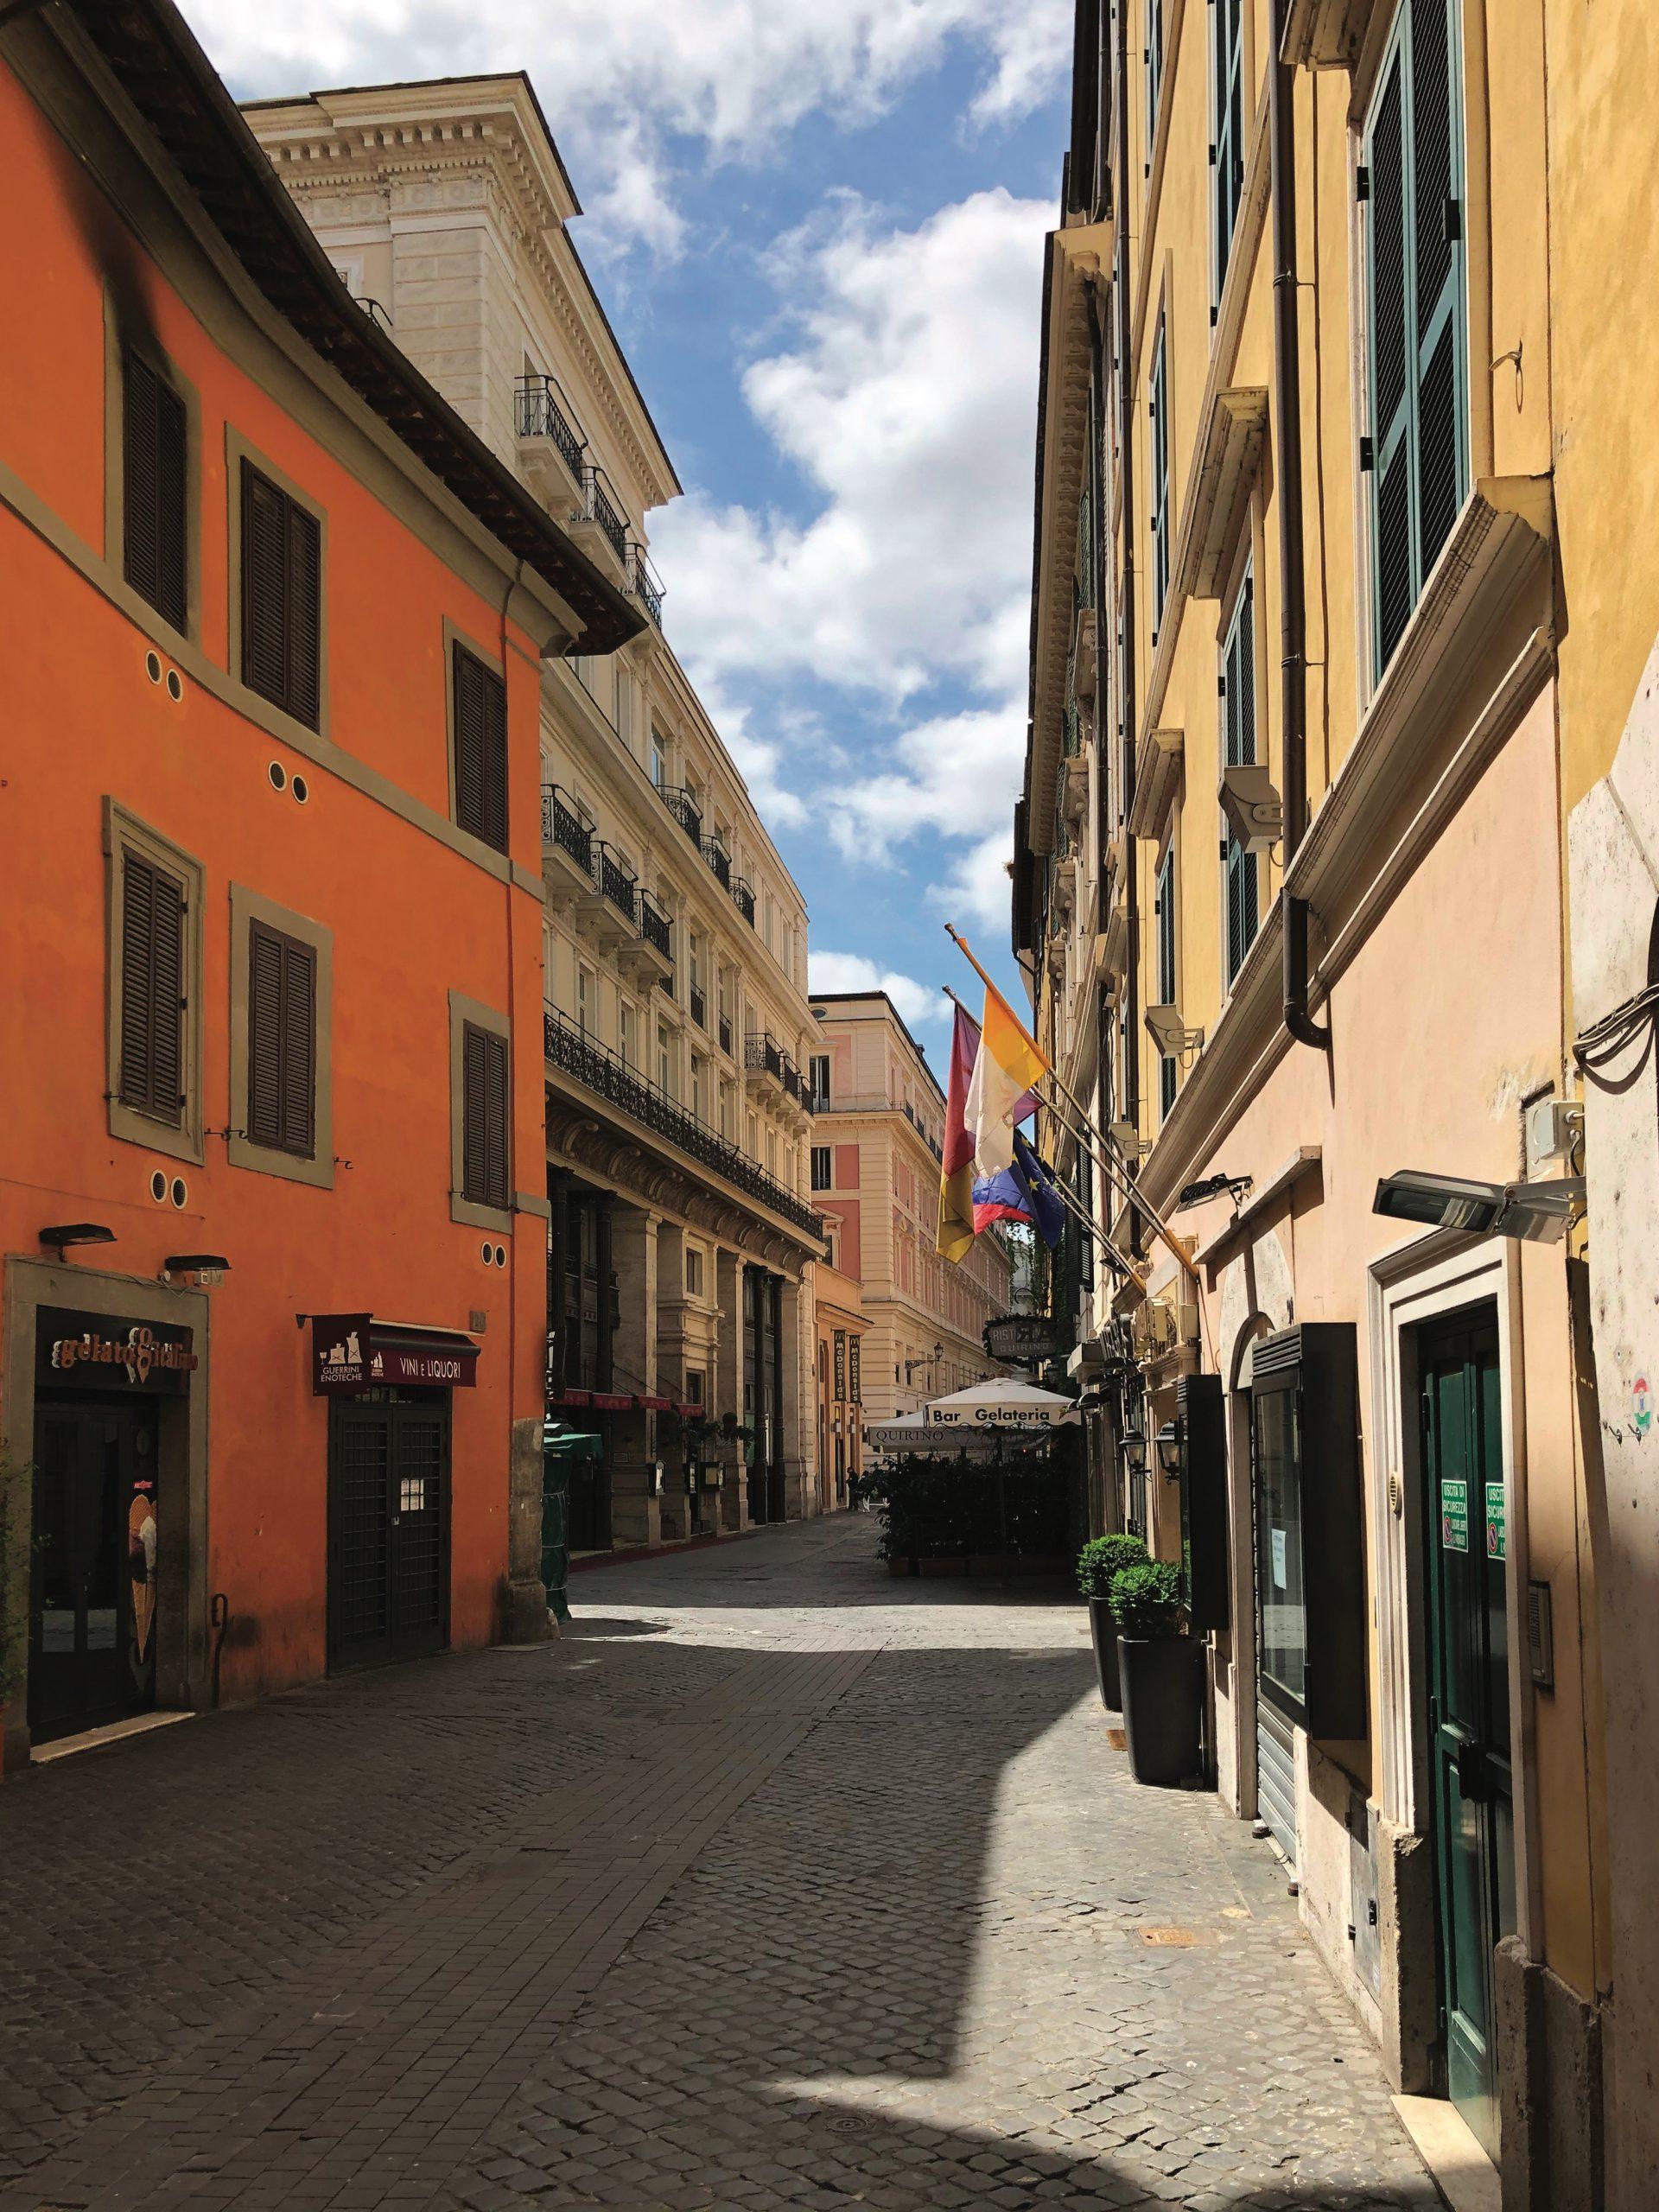 Via delle Muratte